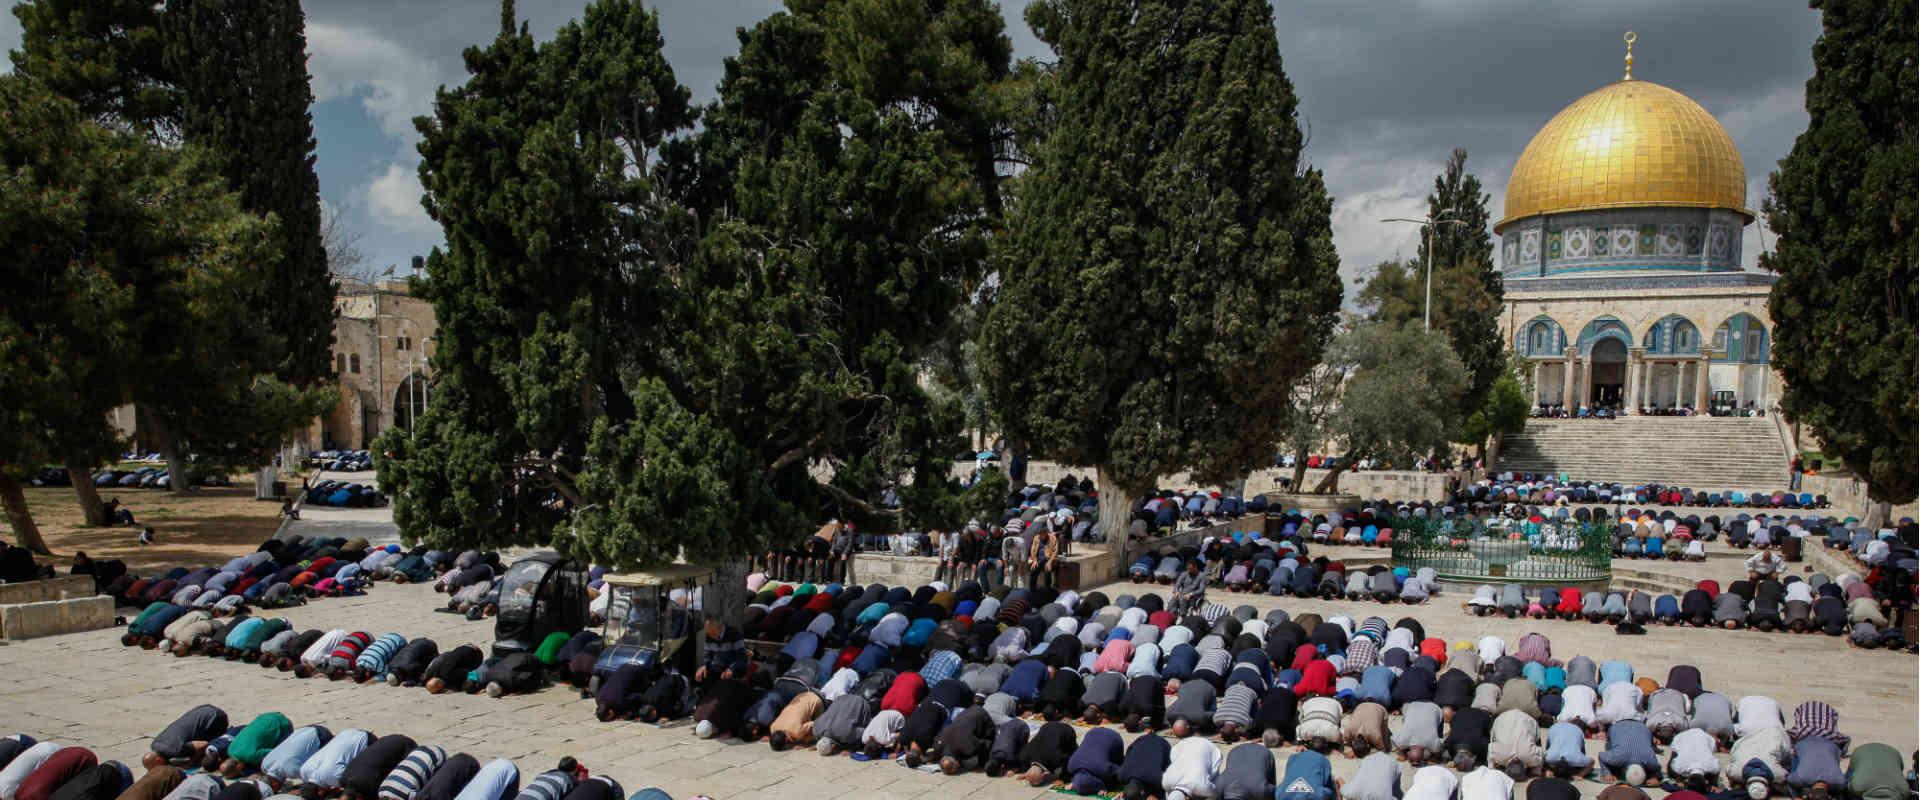 מתפללים מוסלמים בהר הבית, מרץ 2017